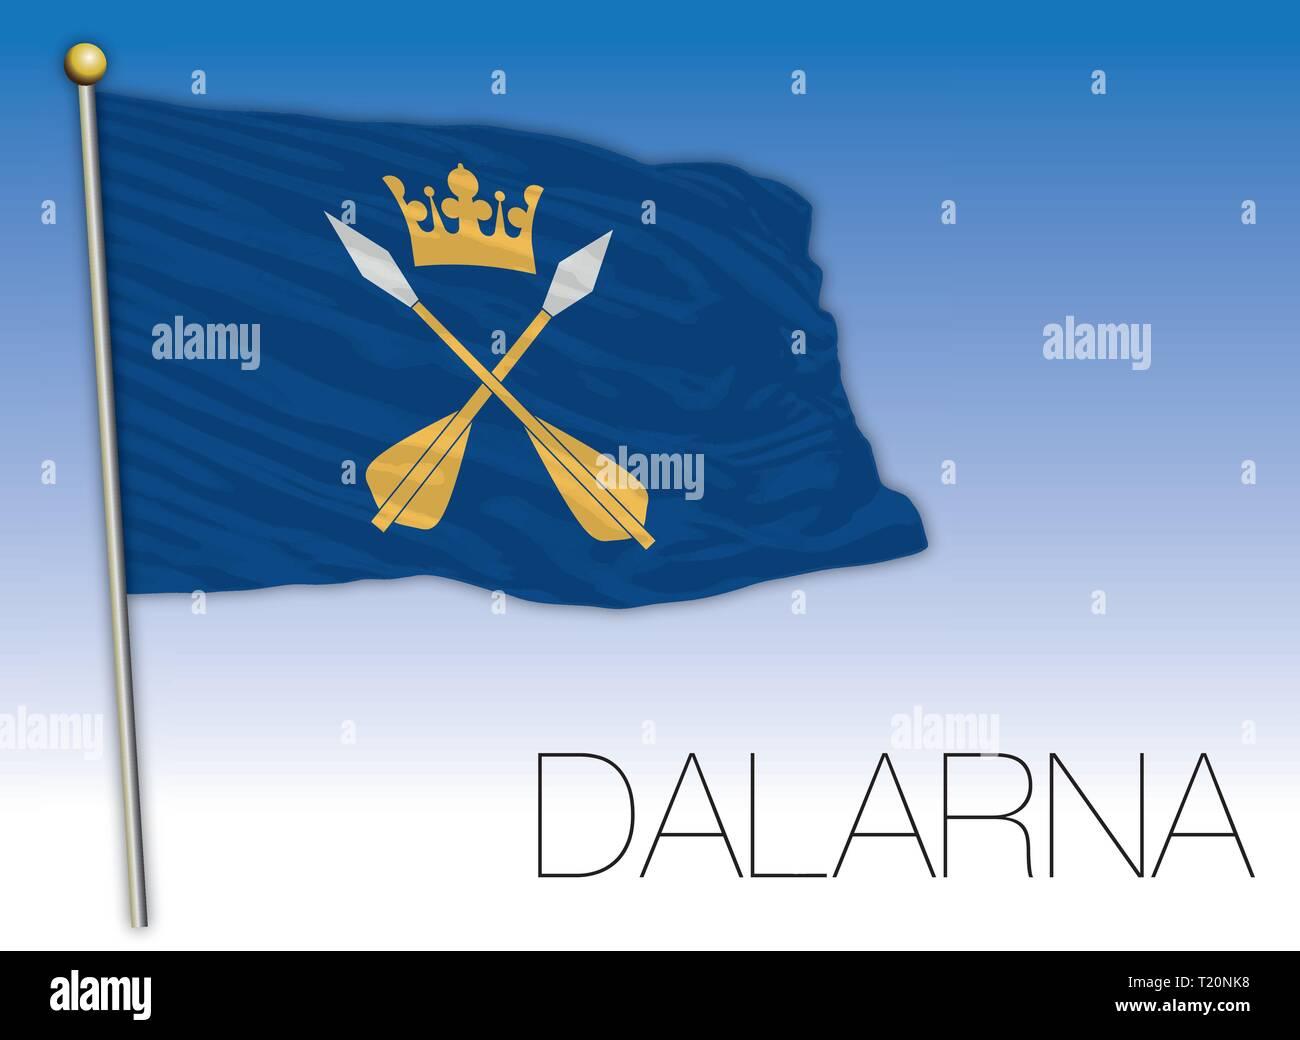 Dalarna regional flag, Sweden, vector illustration - Stock Vector